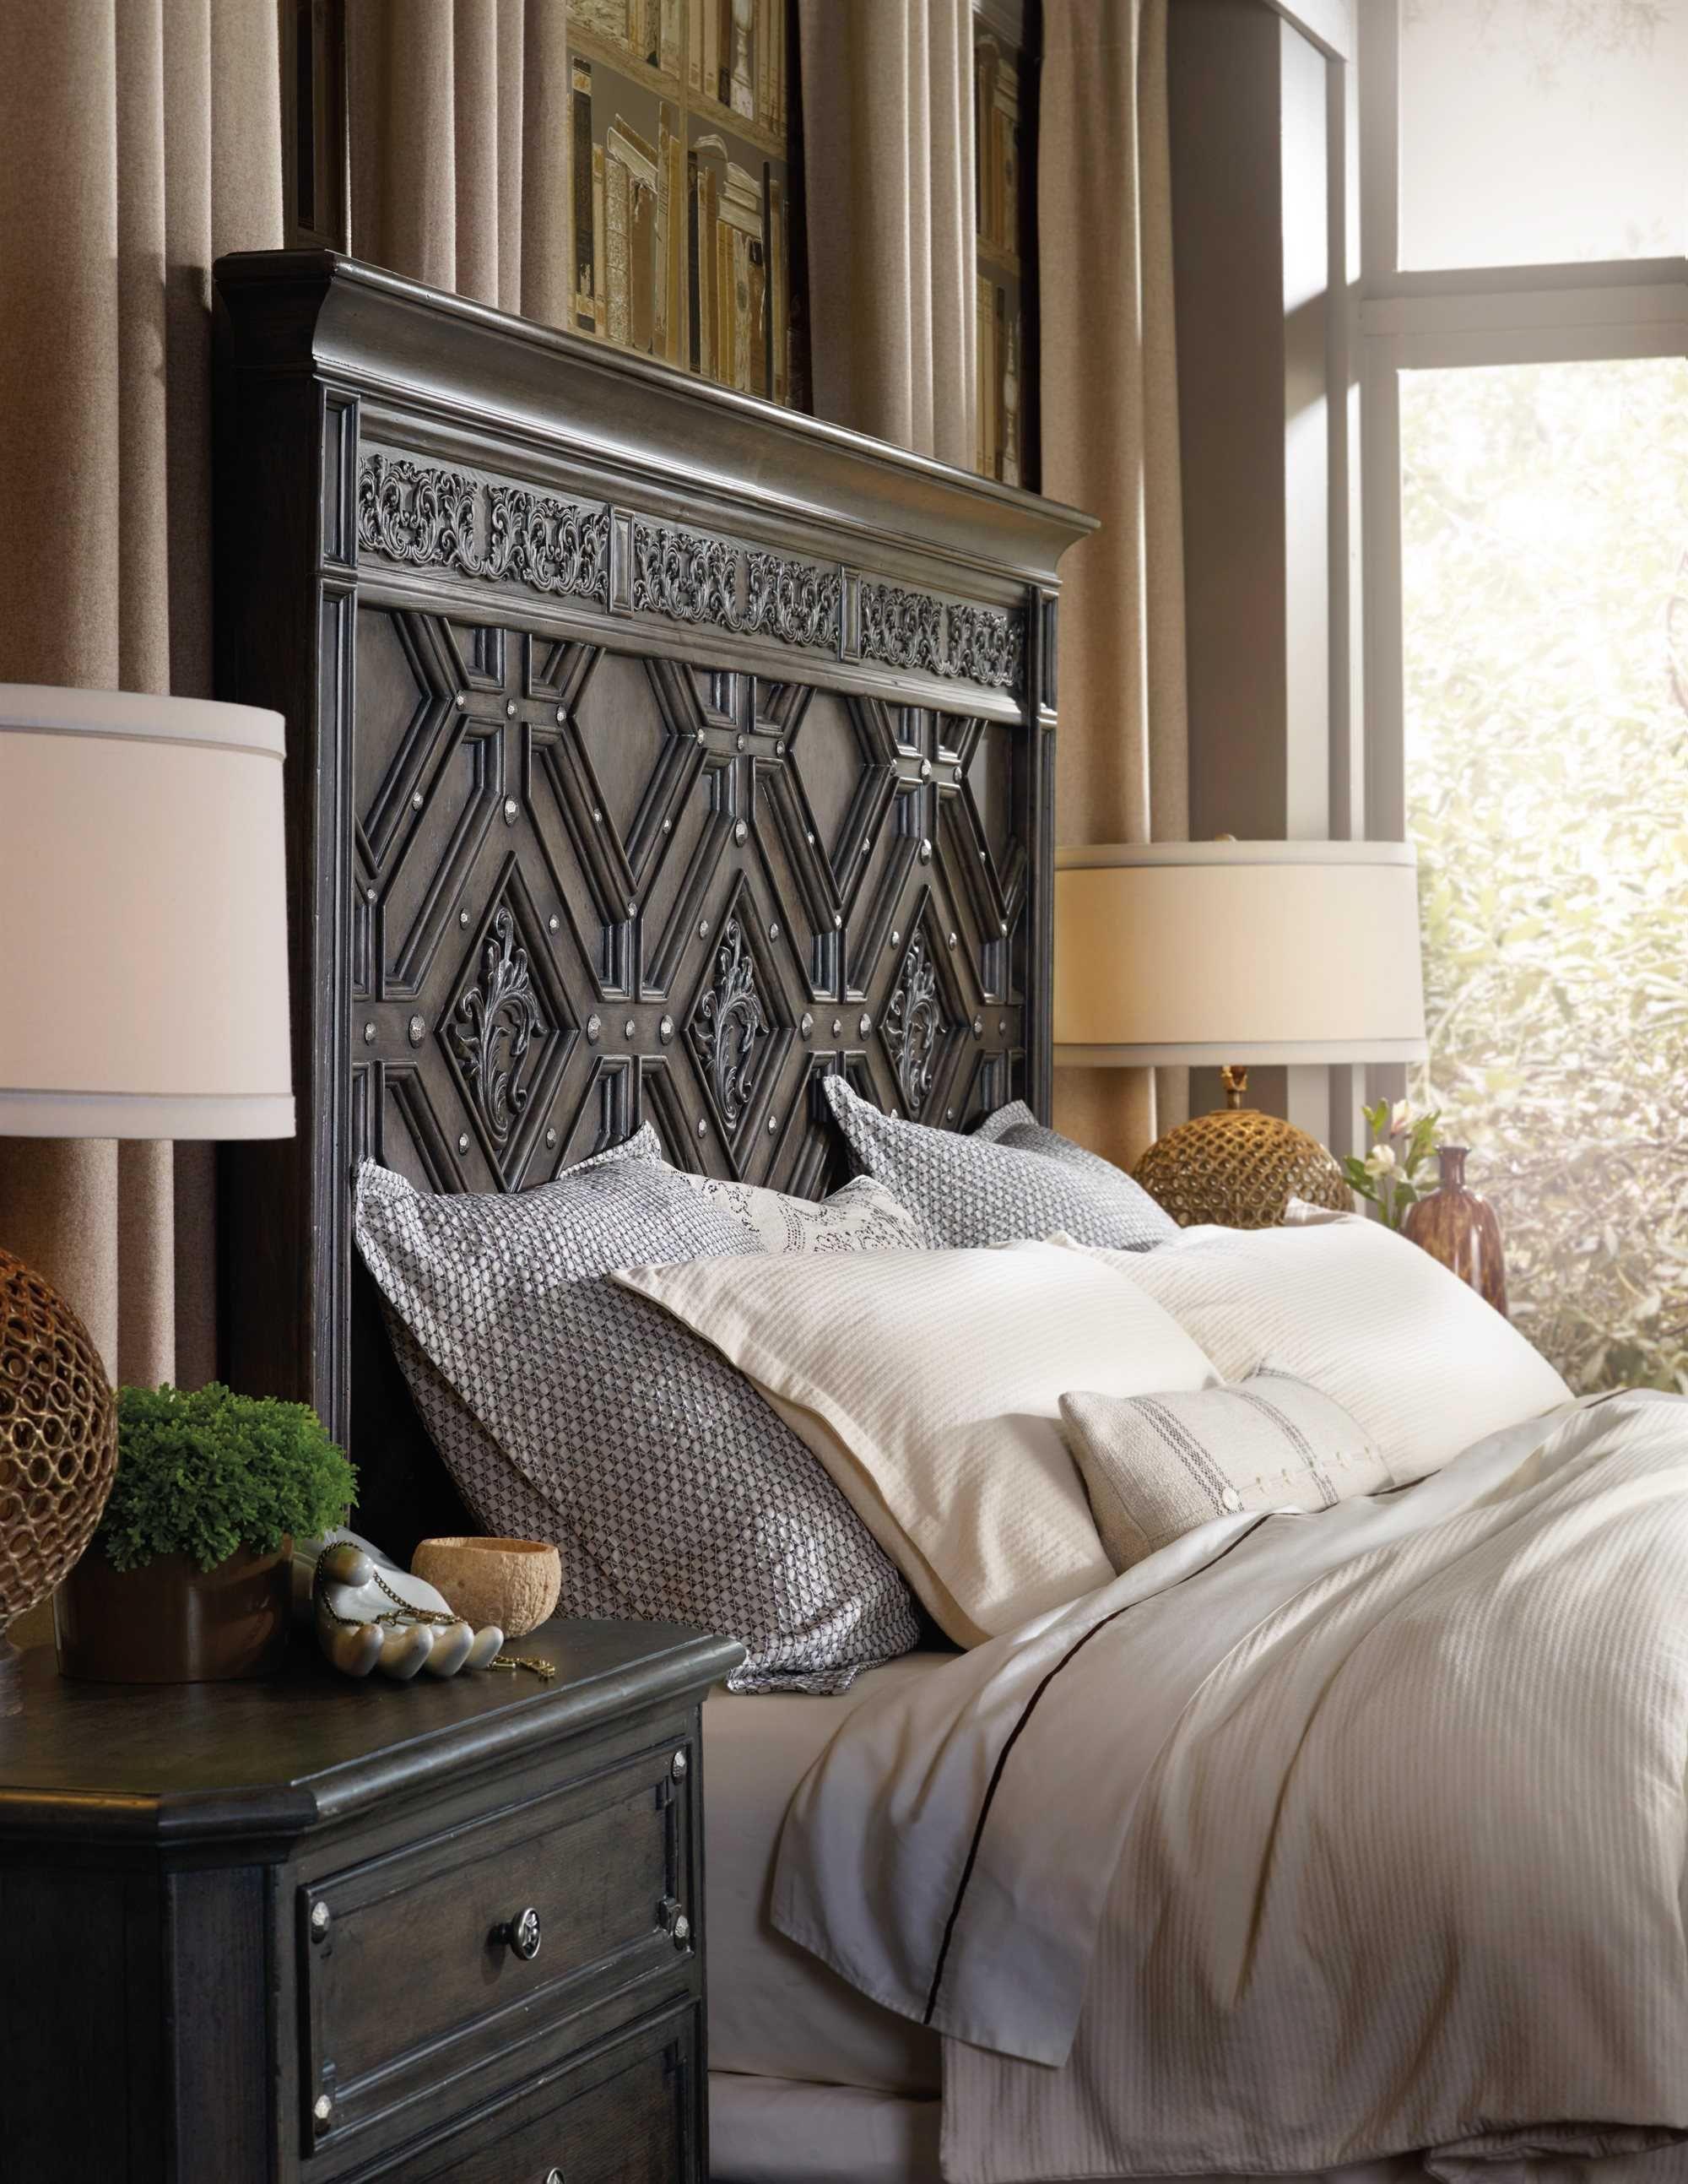 Master bedroom bed  Hooker Furniture Vintage West Wood Panel Bed Bedroom Set  Master